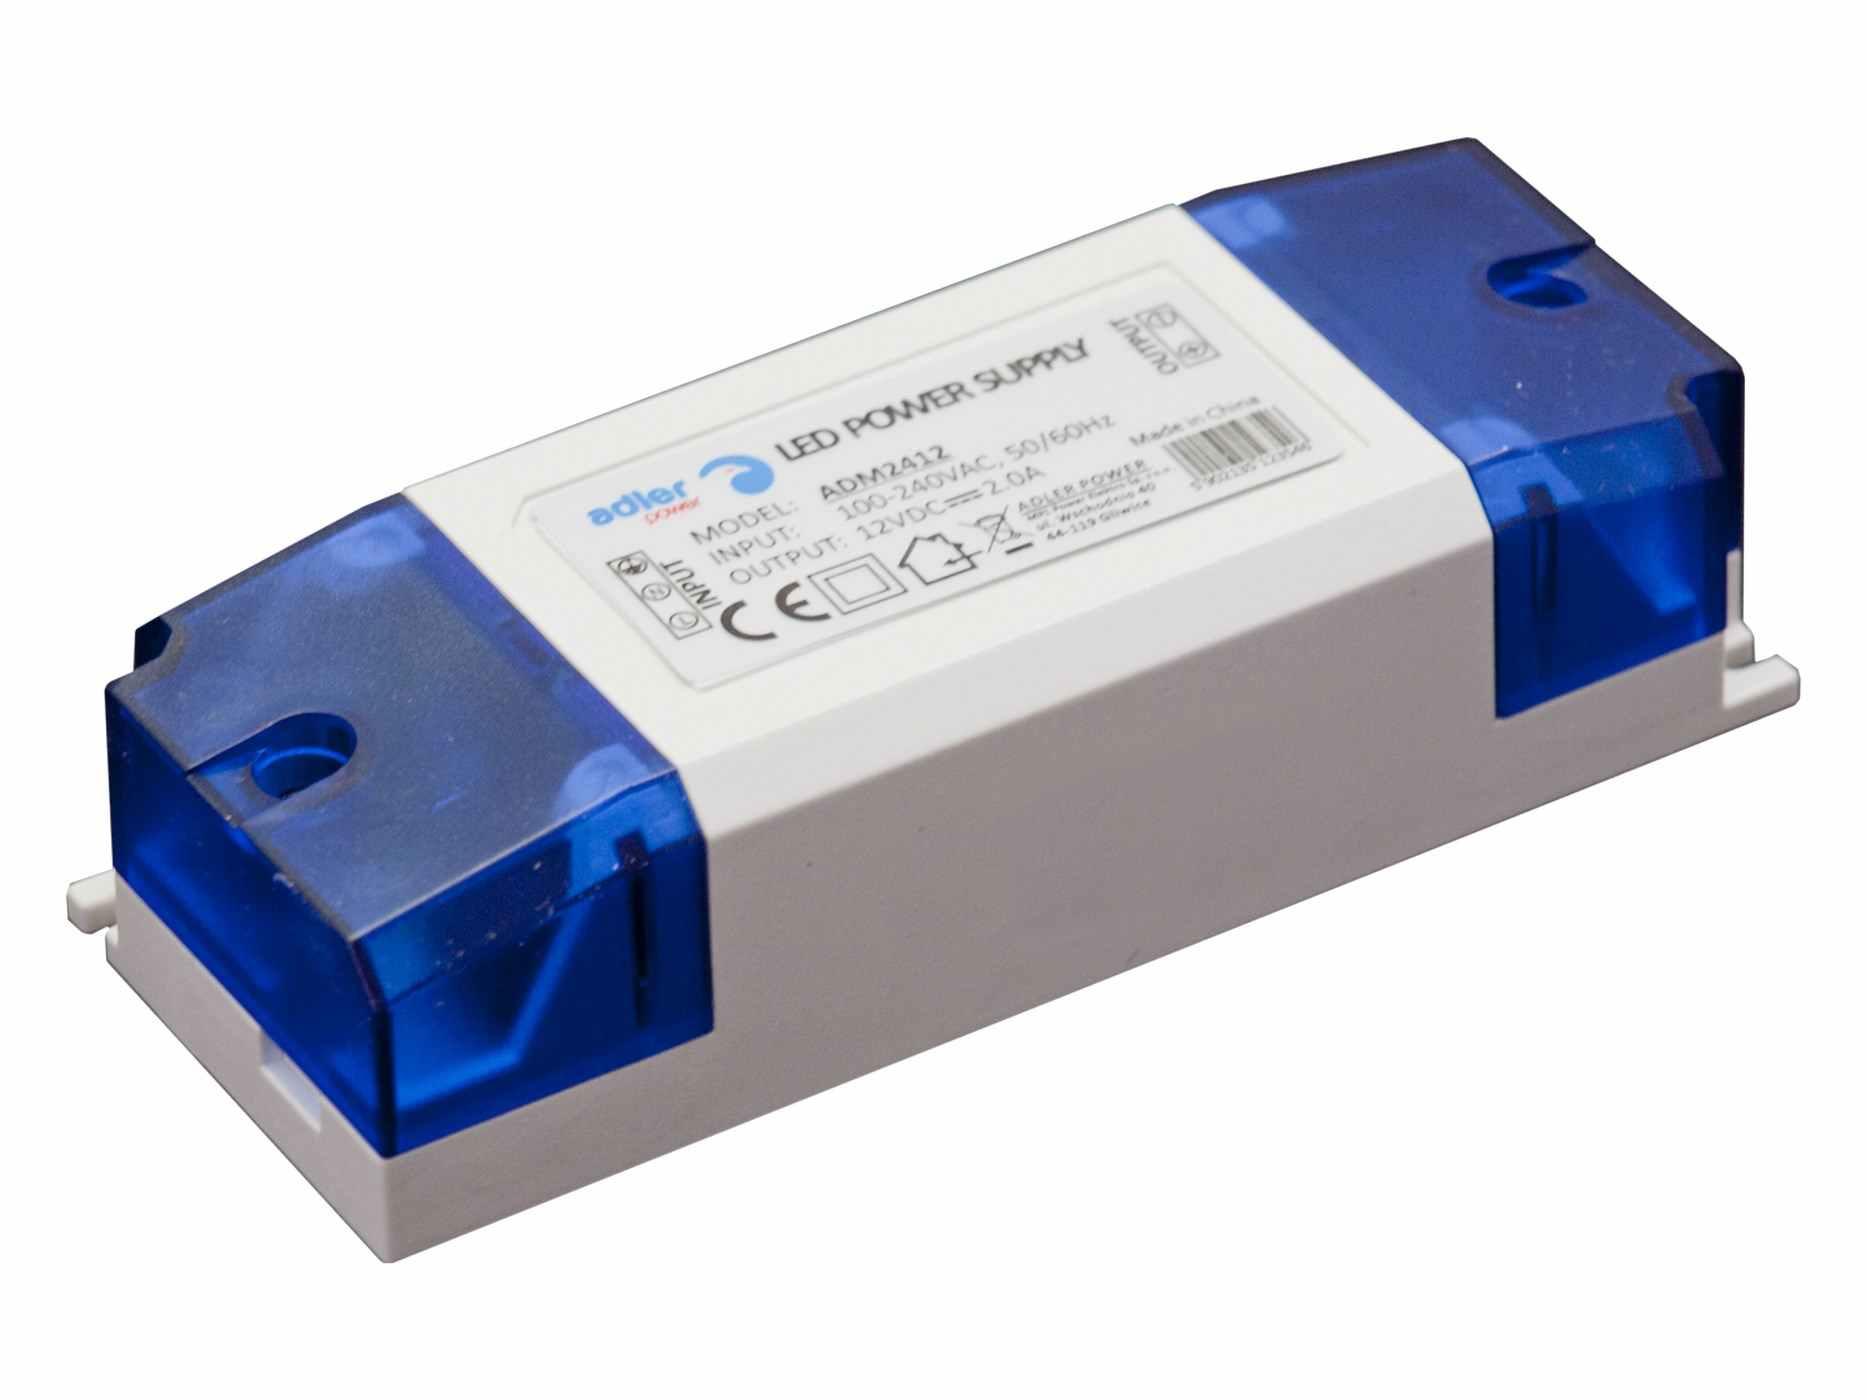 Vnitřní LED zdroj - 24W, 2A, 12V, IP20, PLASTIC kryt - (ADM2412) - Greenlux (GXLD101)